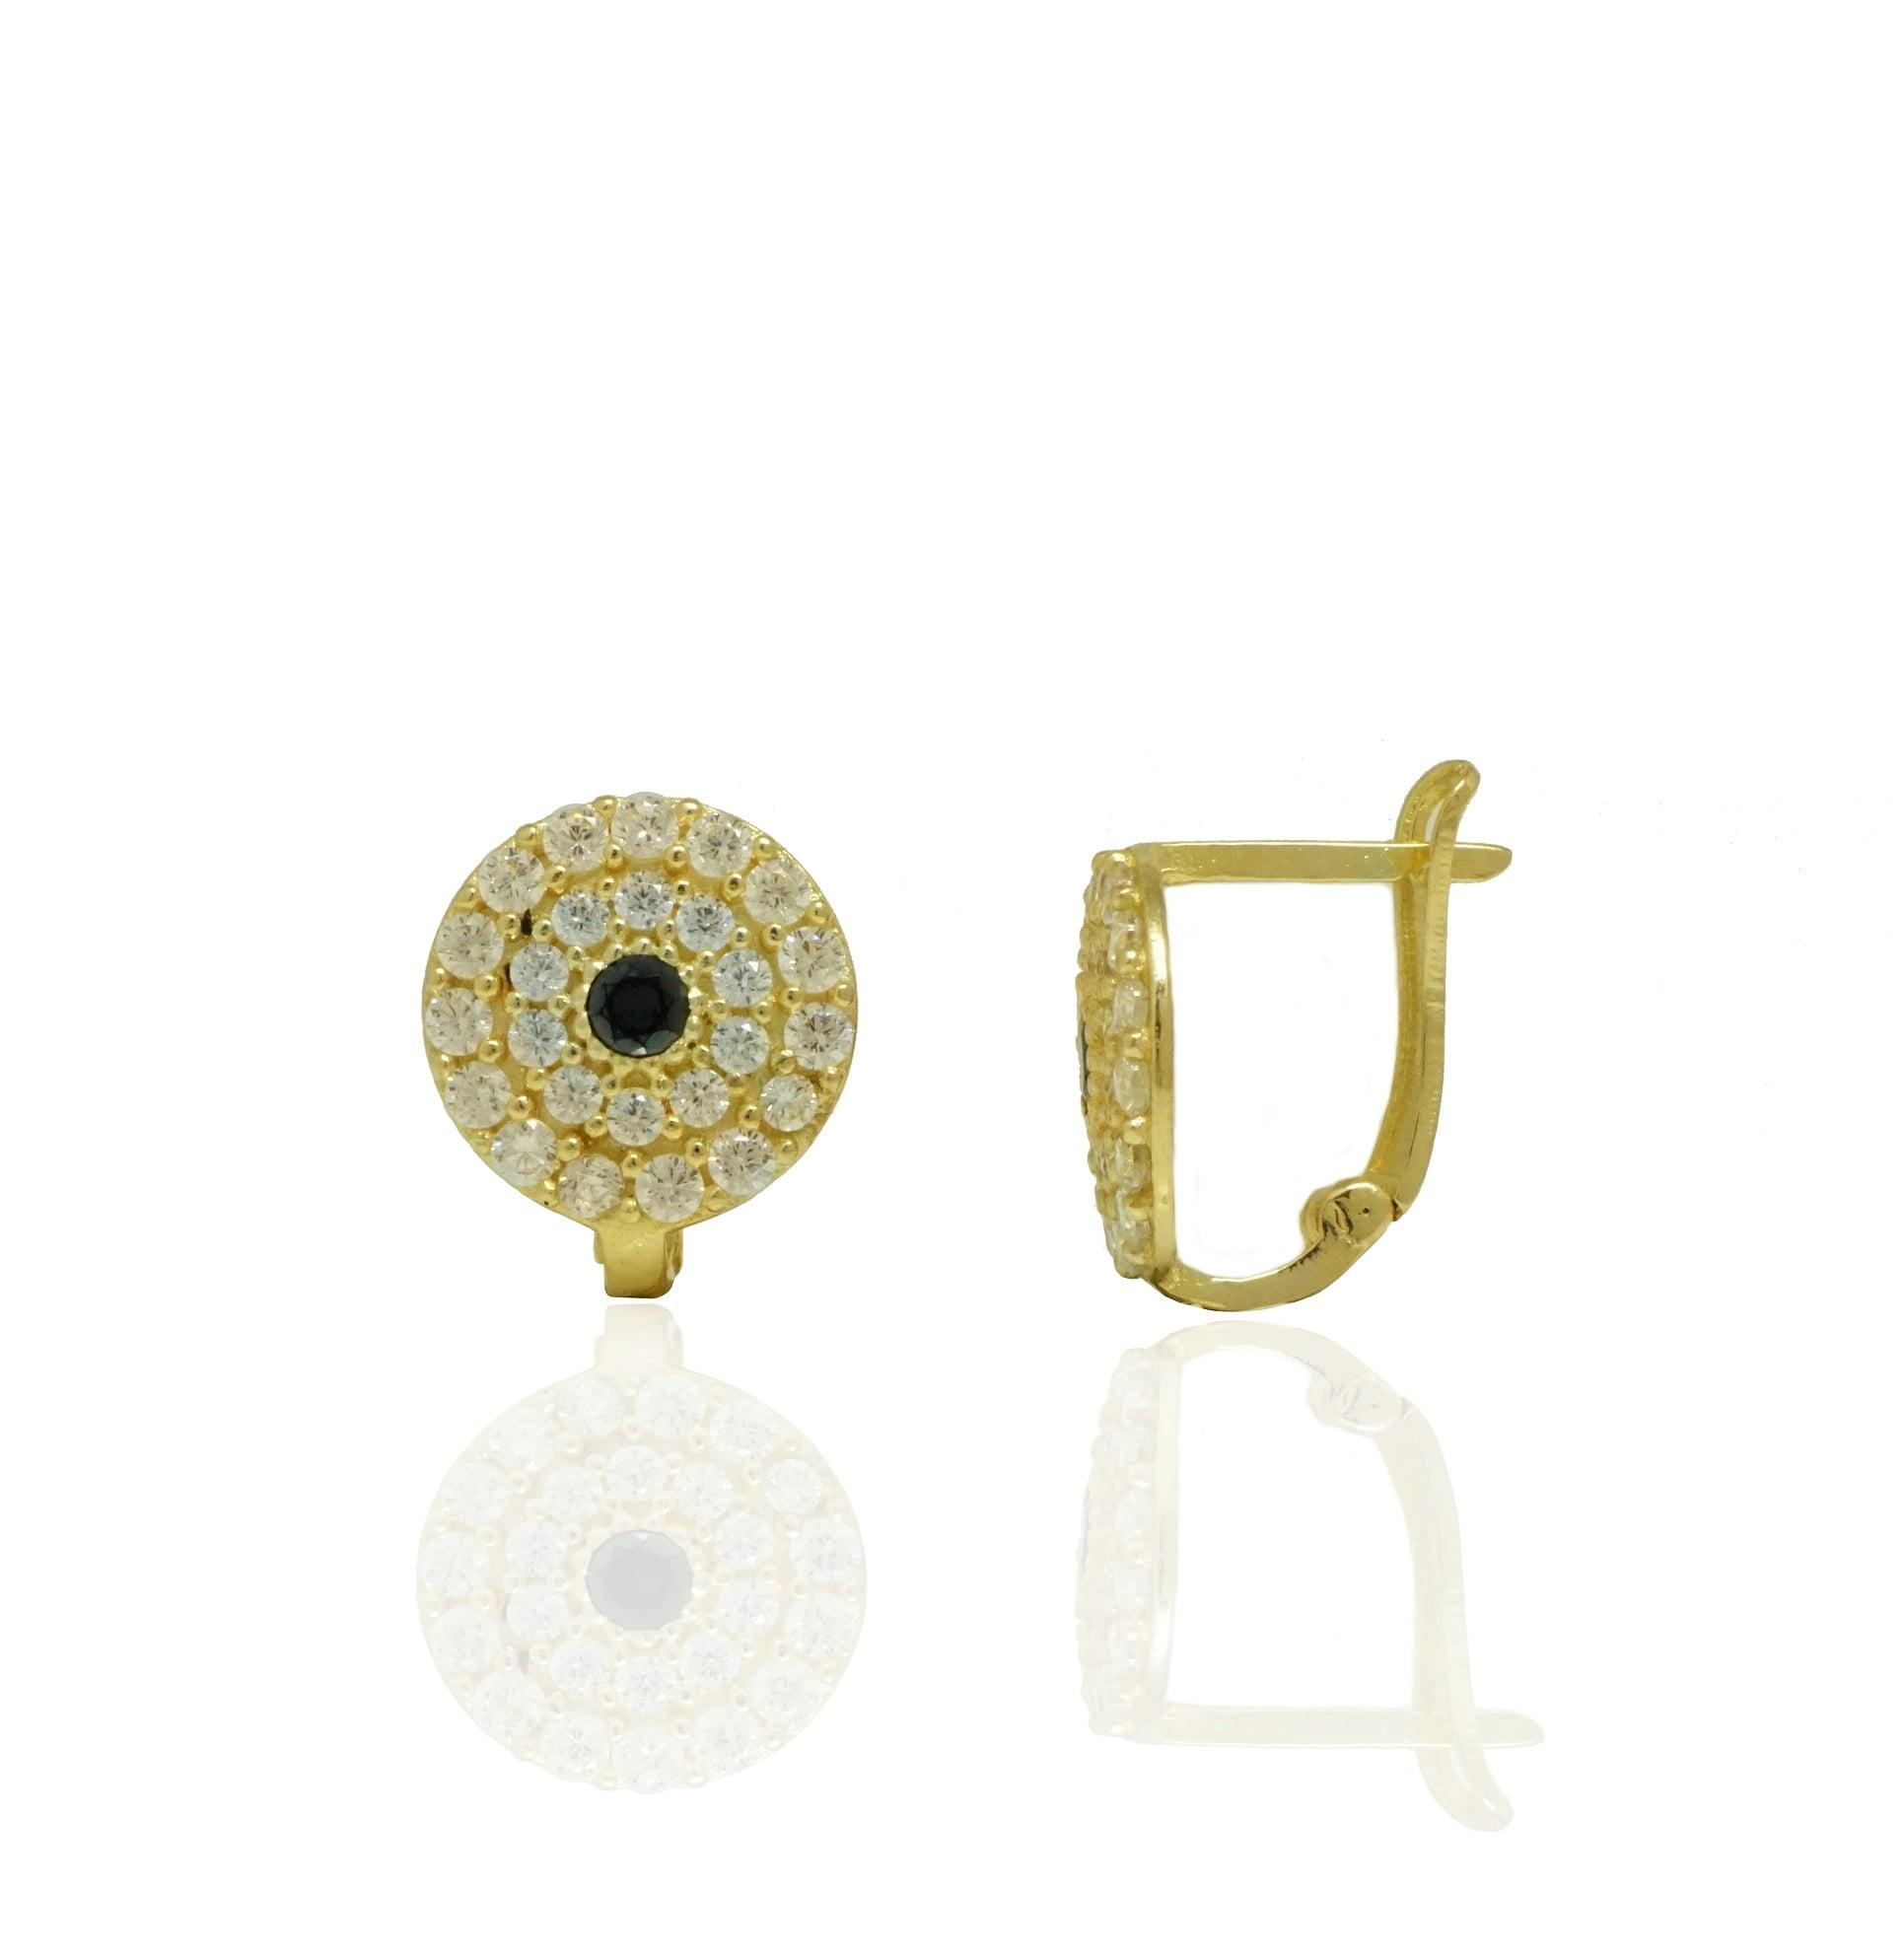 עגילי זהב נתלים משובצים זרקונים בזהב 14 קאראט